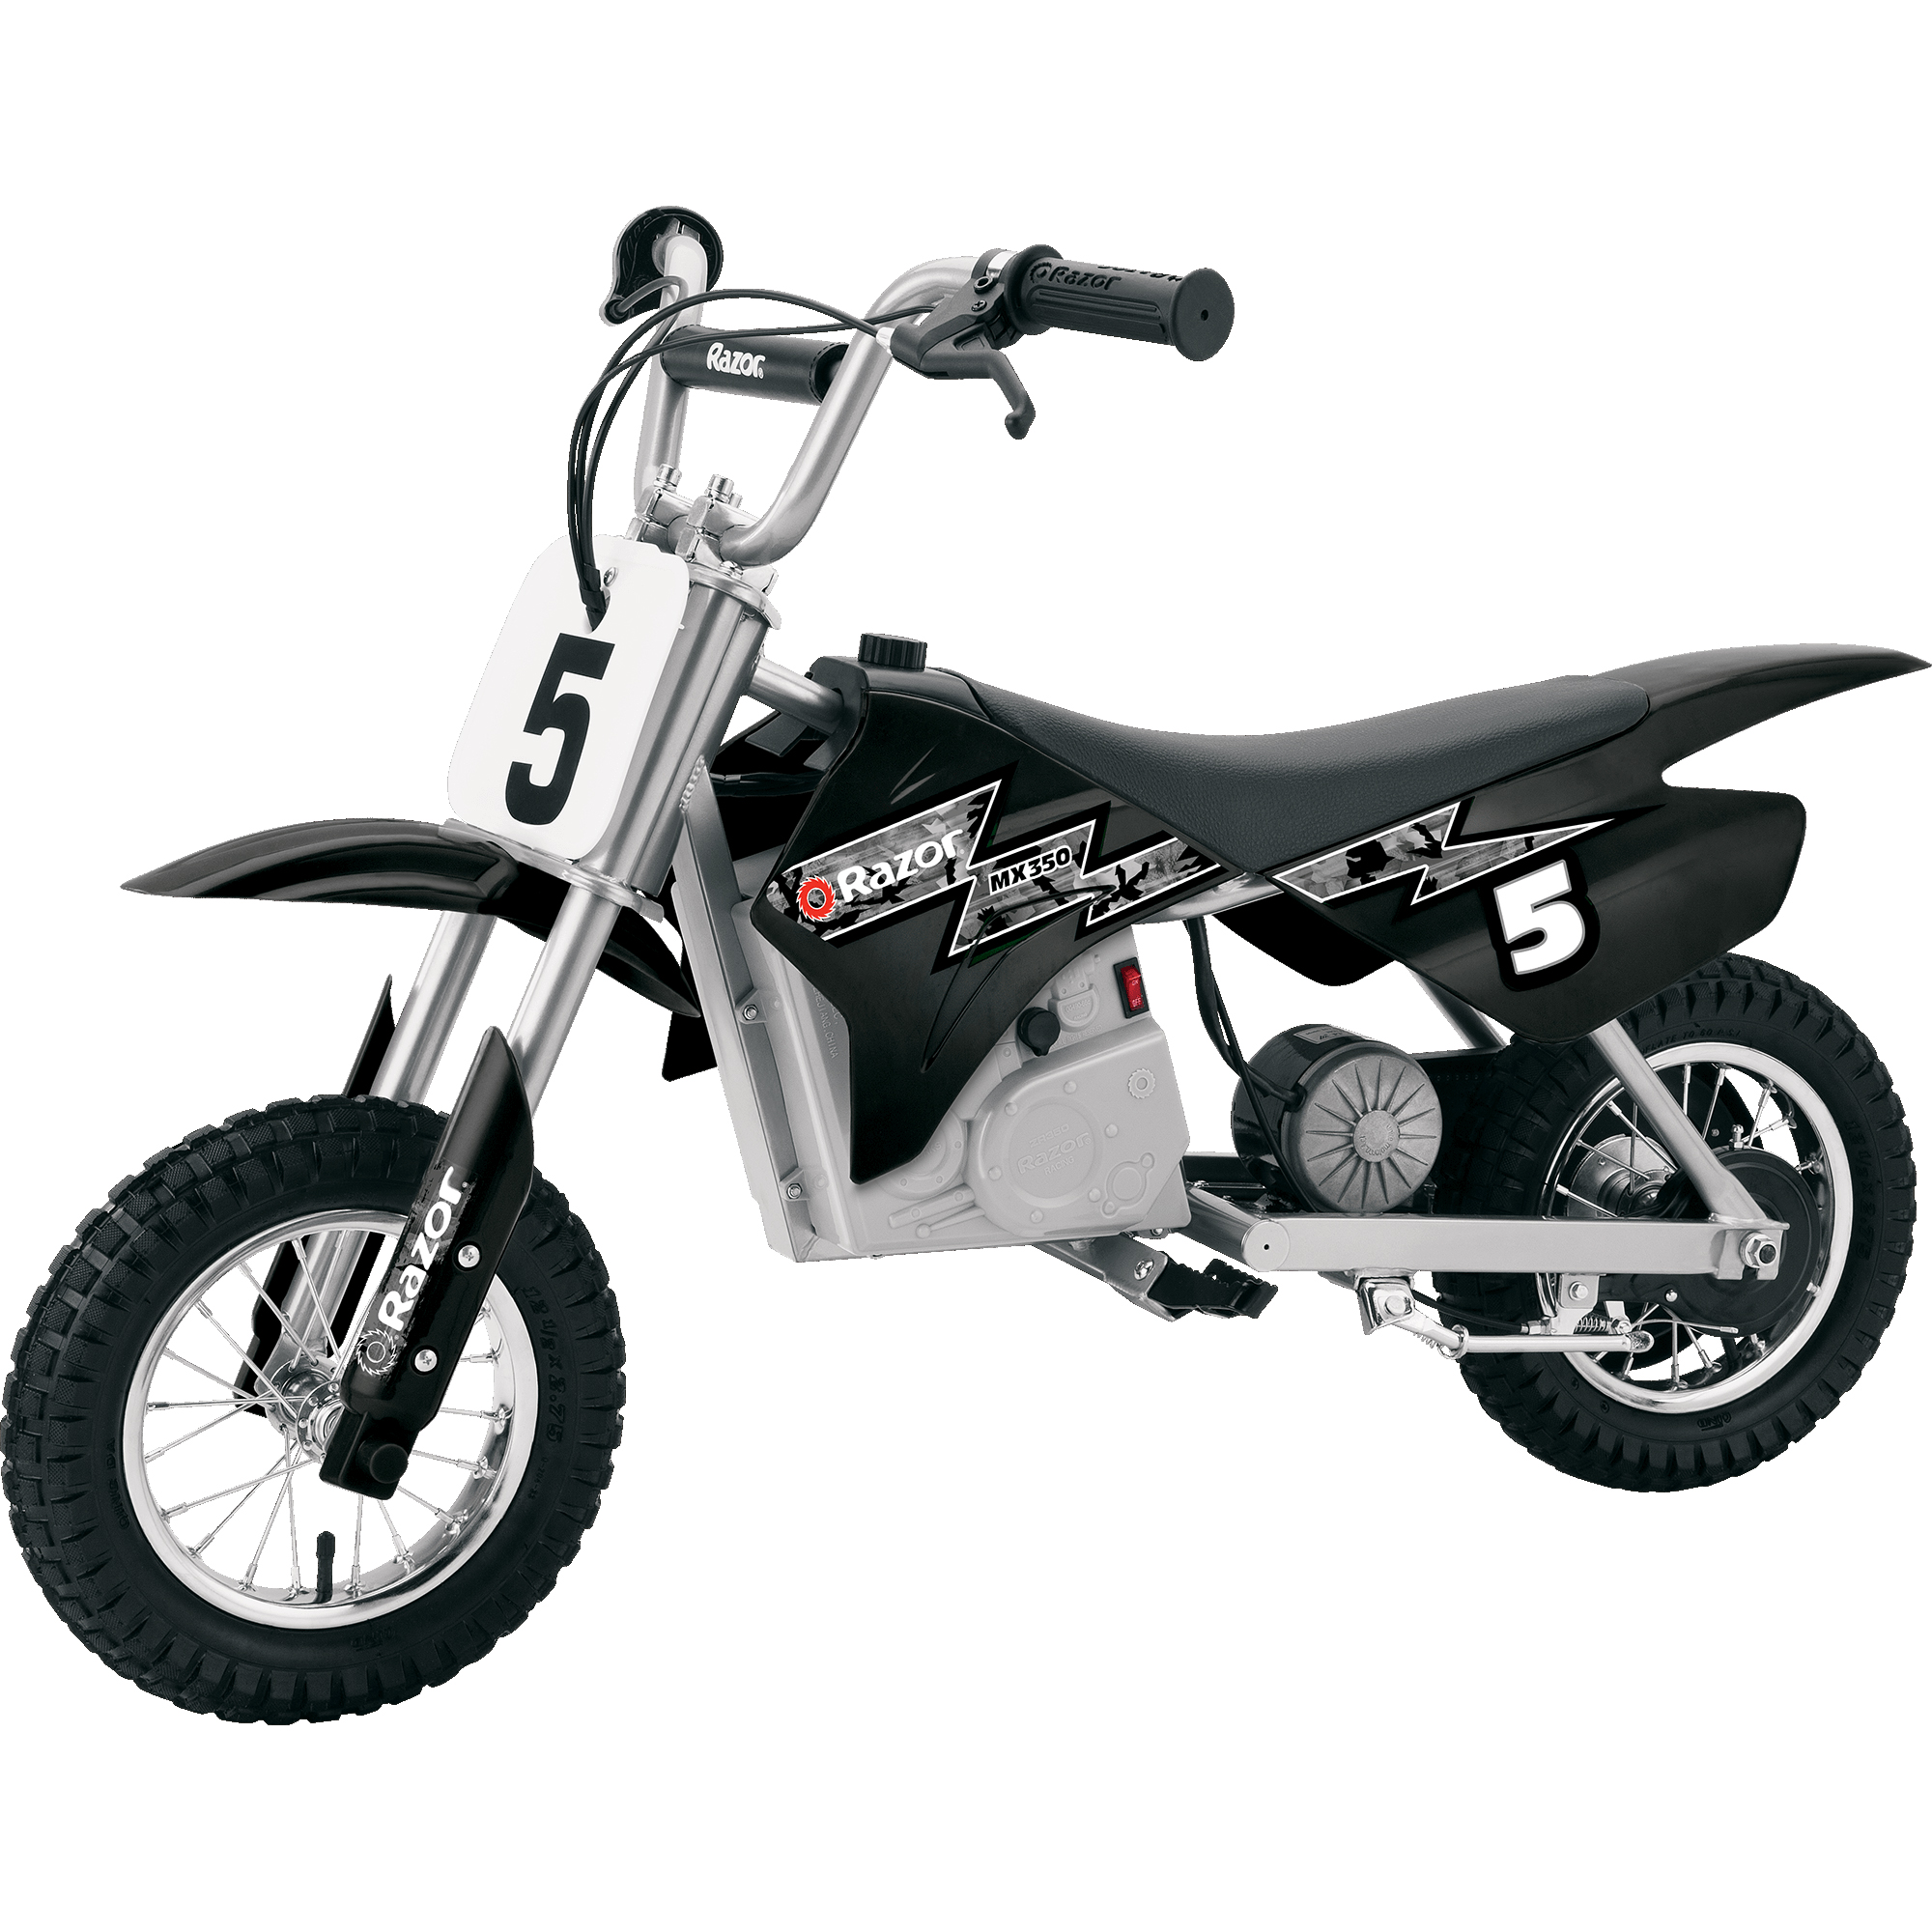 Razor Mx350 Dirt Rocket Dirt Bike Parts Razor Models